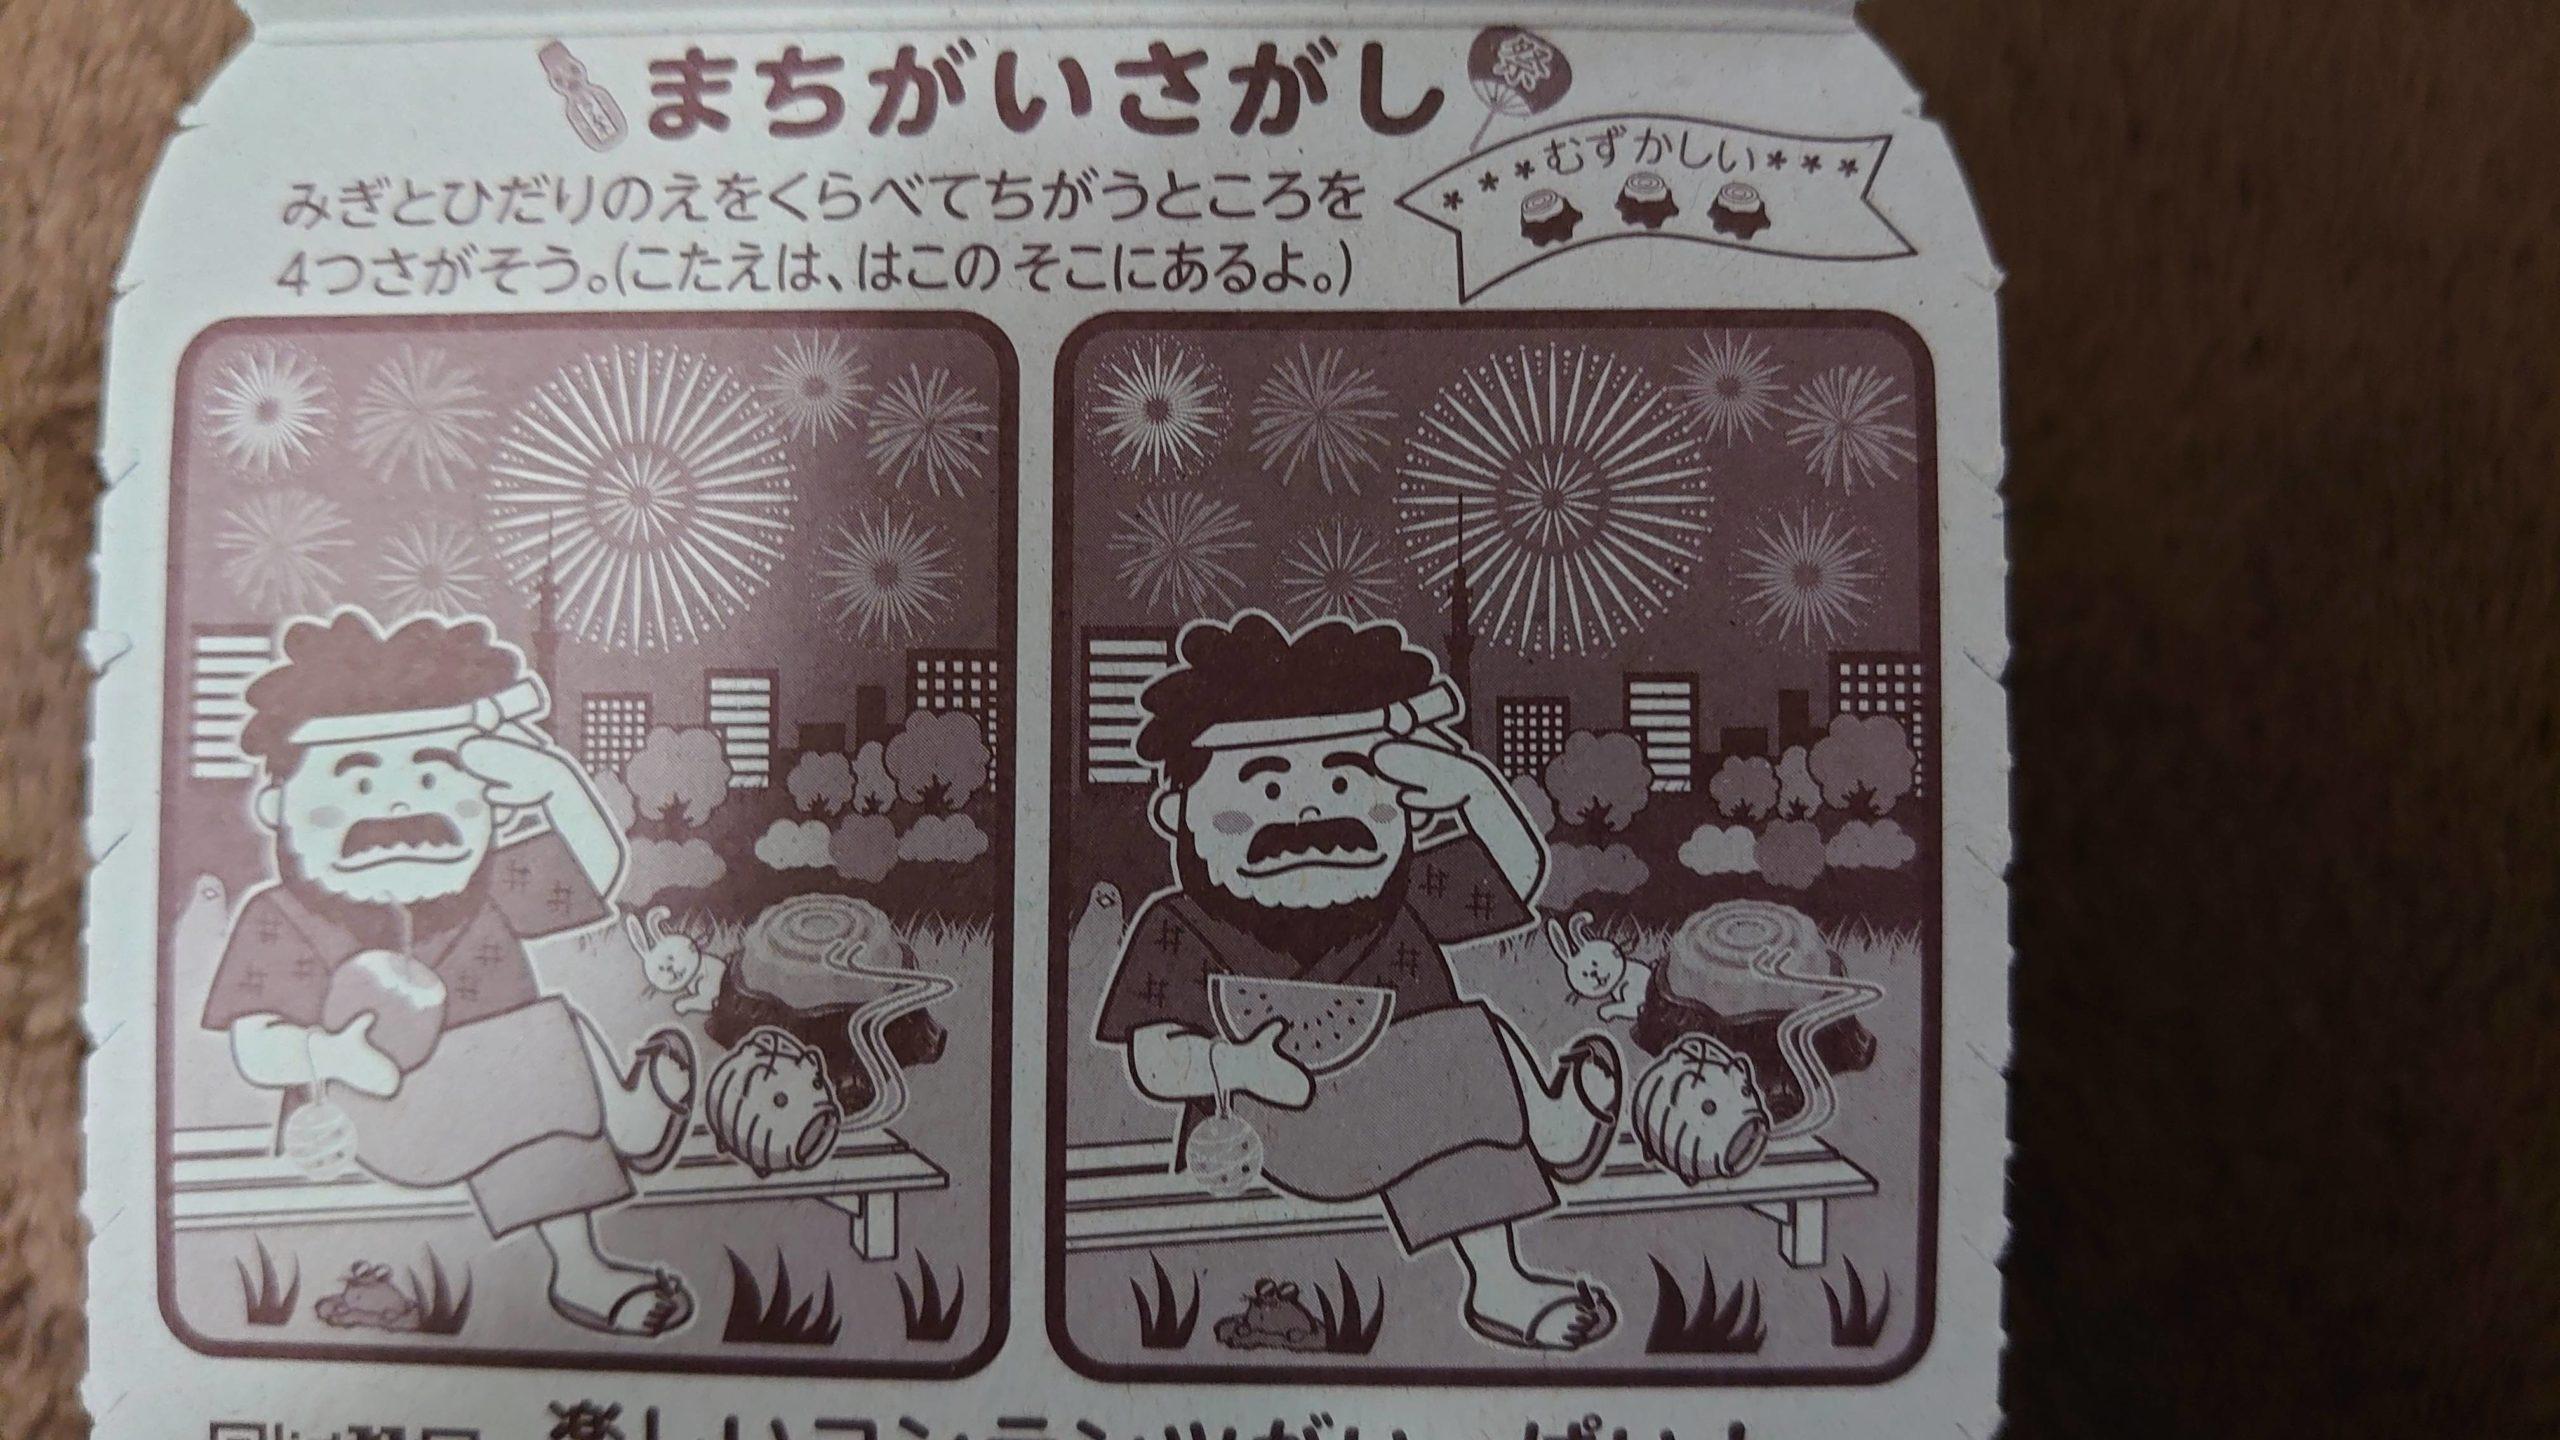 【悲報】ワイ、ブルボンのお菓子『きこりの切株』が食べれずにガチ泣き😭【鬼畜画像あり】